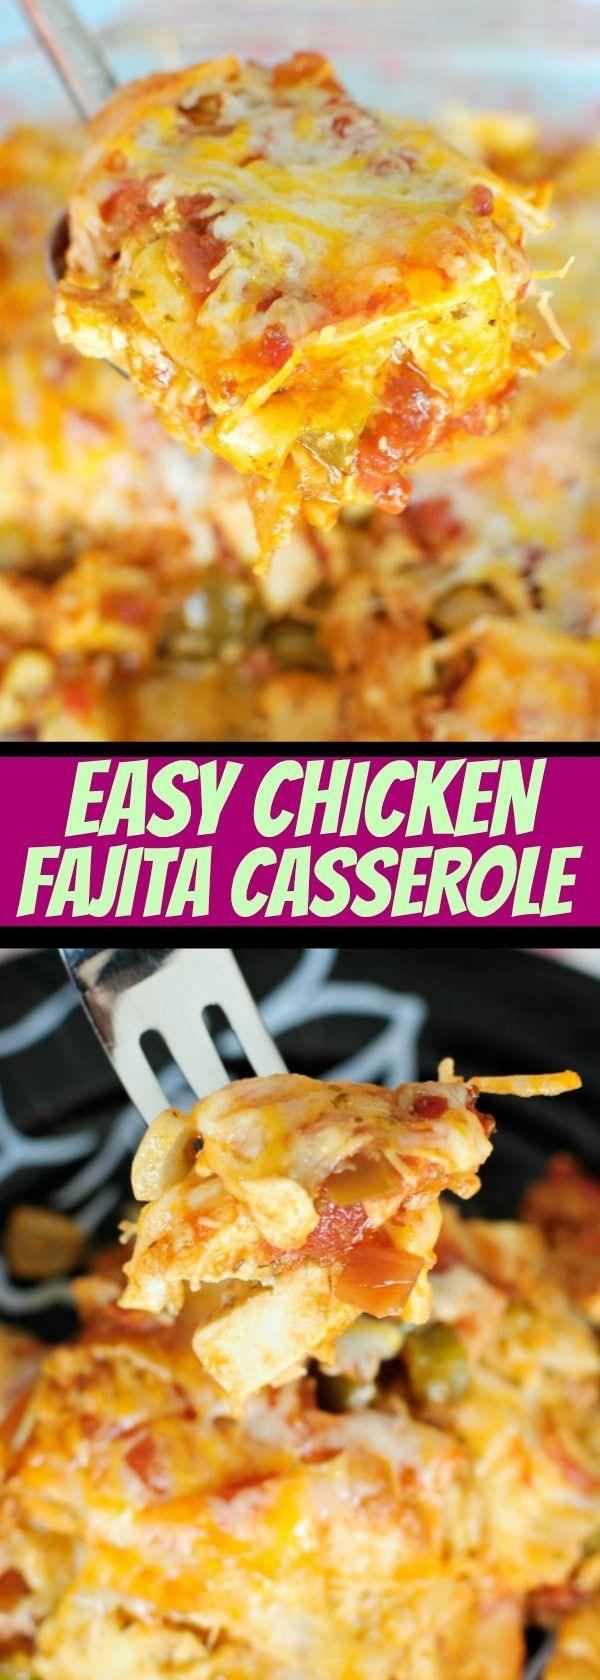 Easy Chicken Fajita Casserole - Great easy dinner idea!